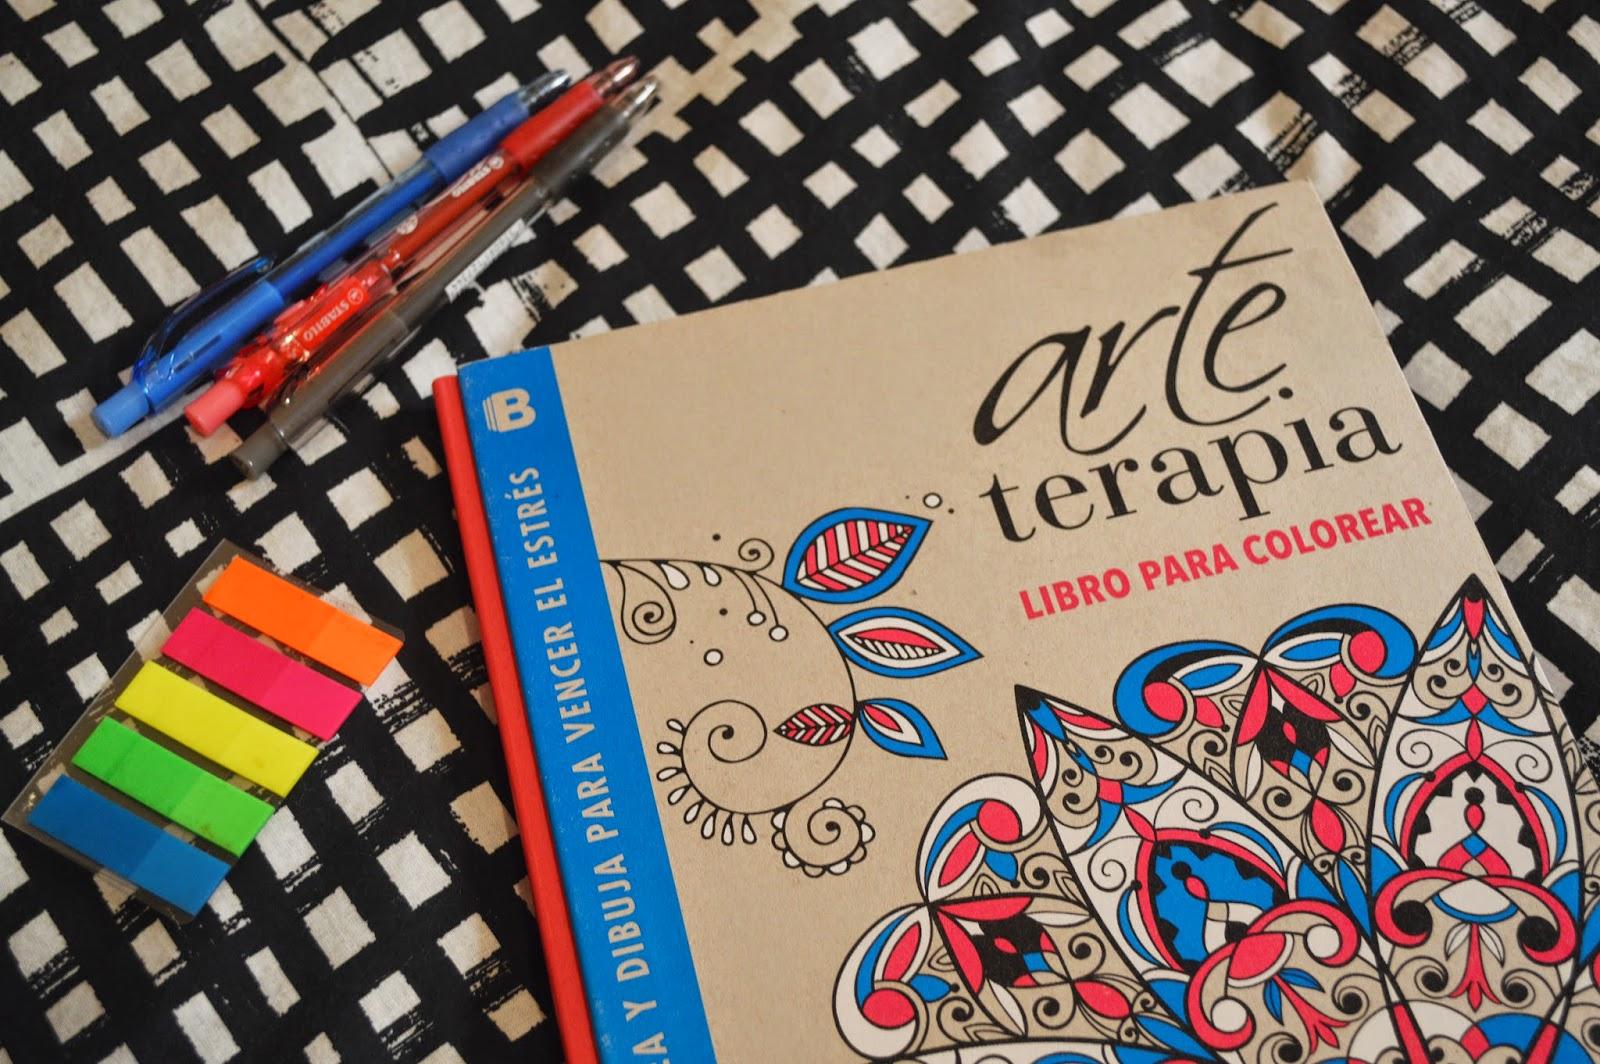 La Casa Matiz: Los libros para colorear no son arteterapia